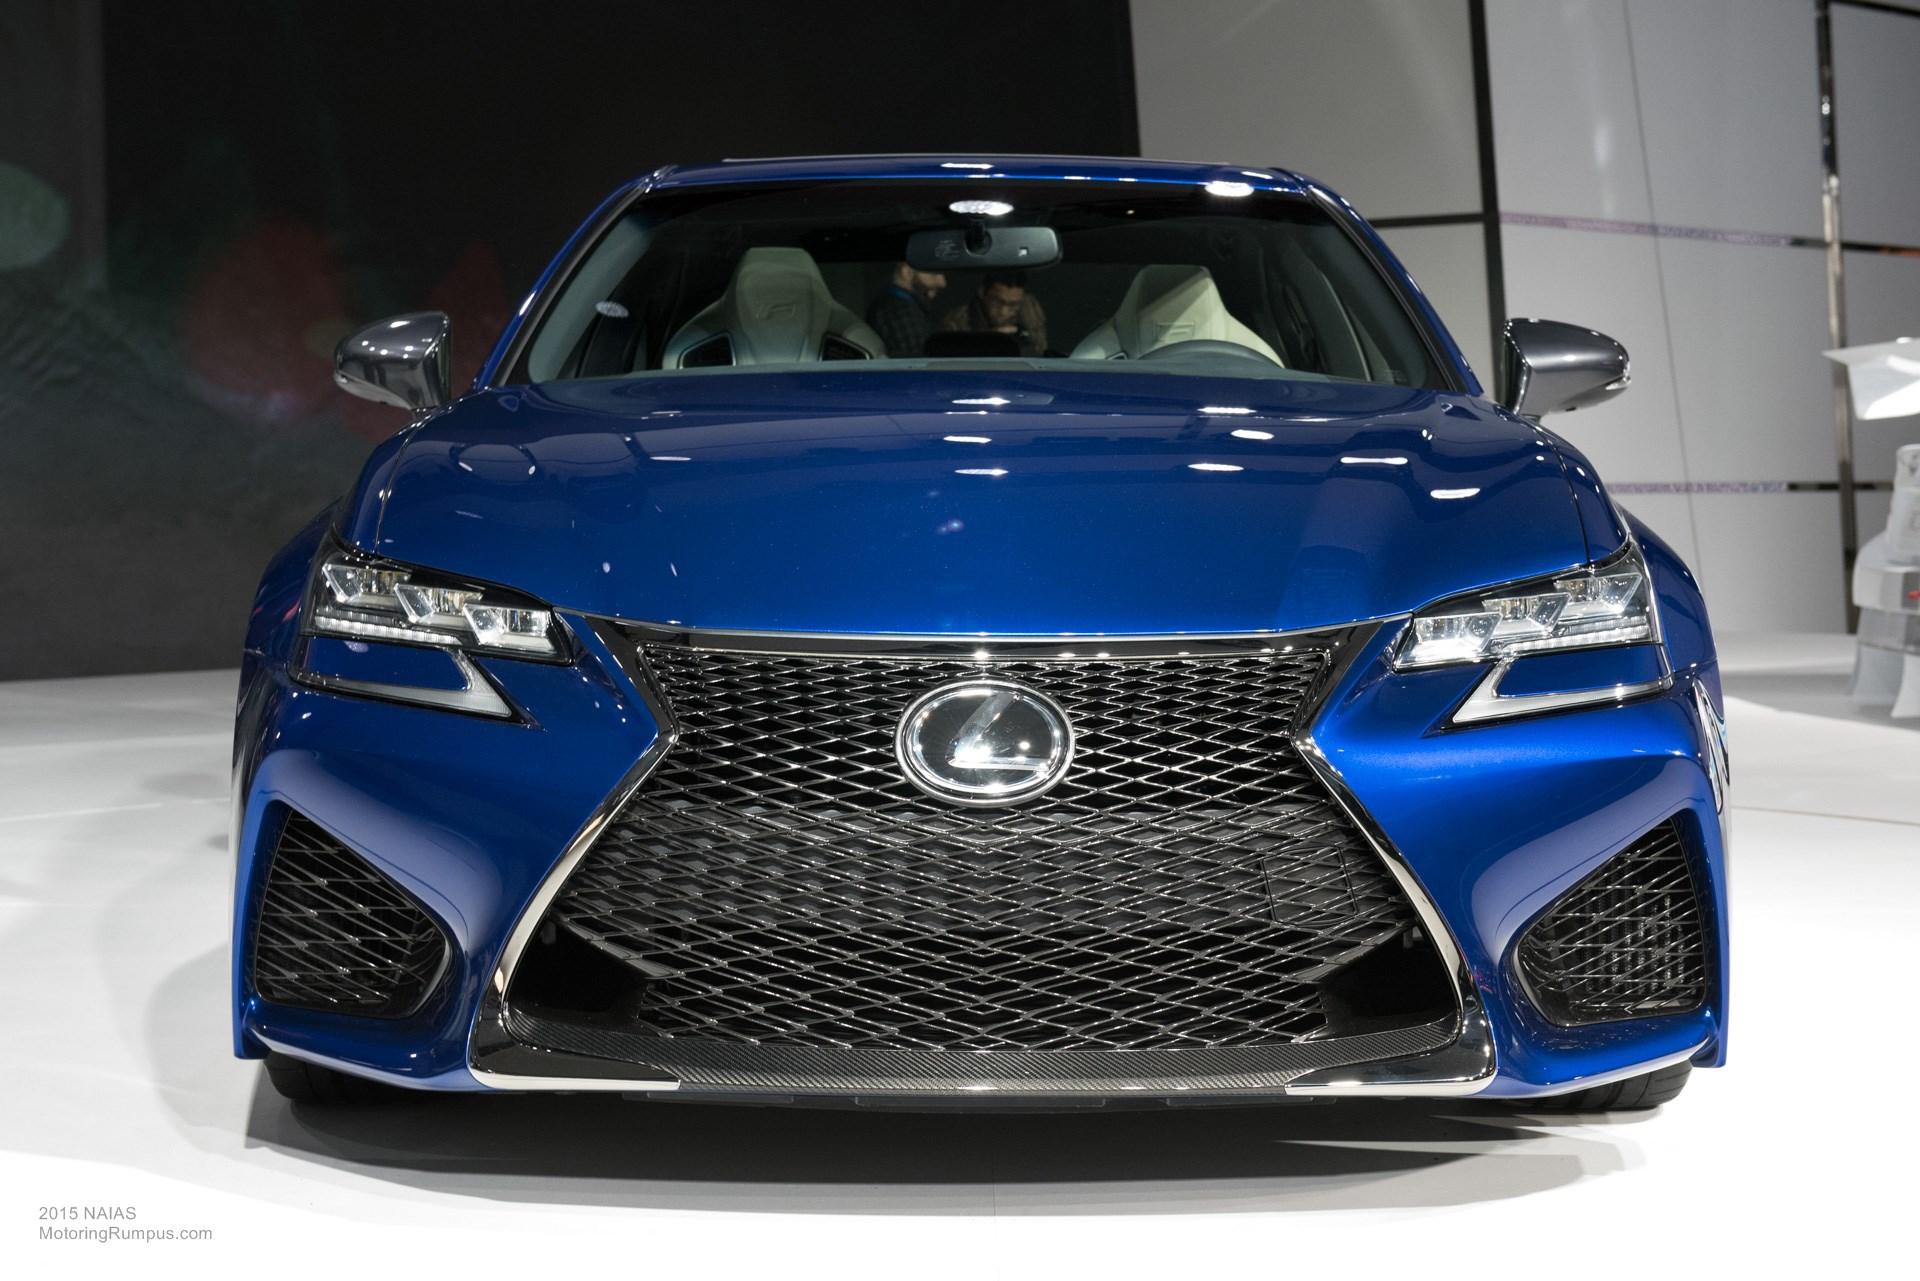 2015 NAIAS Lexus GS F Front